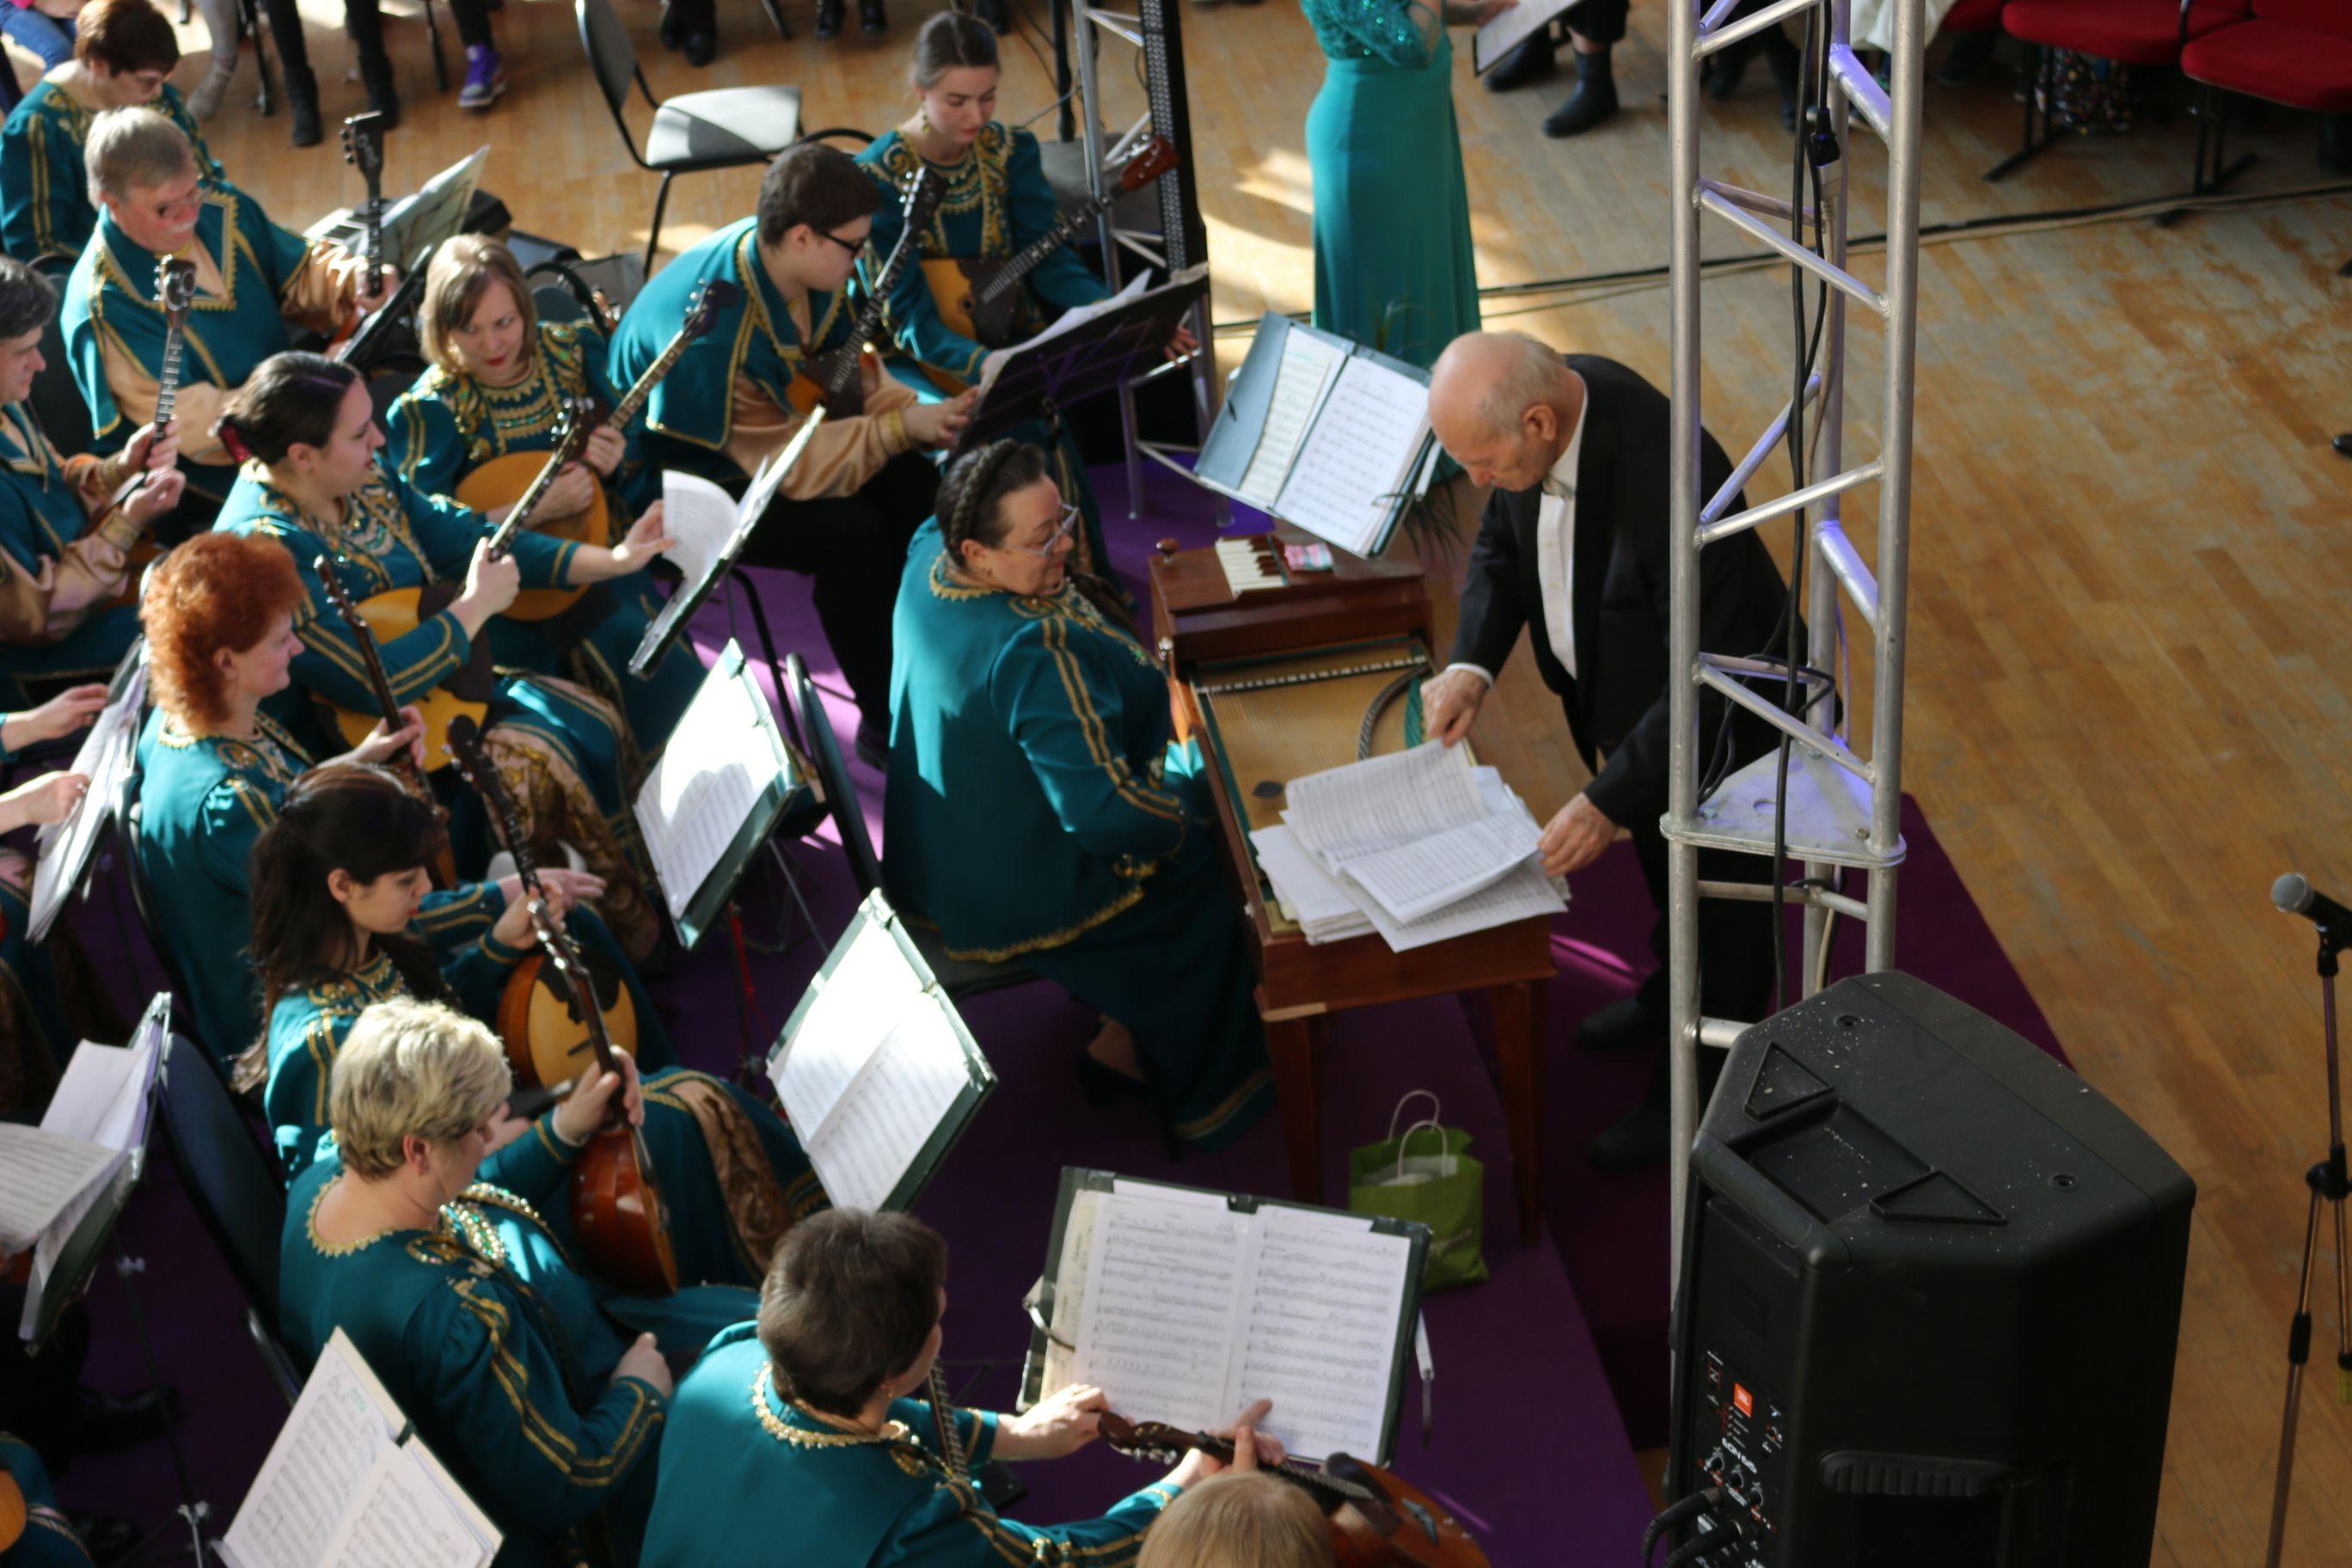 Балалайка, домра и аккордеон: Оркестр русских народных инструментов в лицах. Фото: Анна Шутова